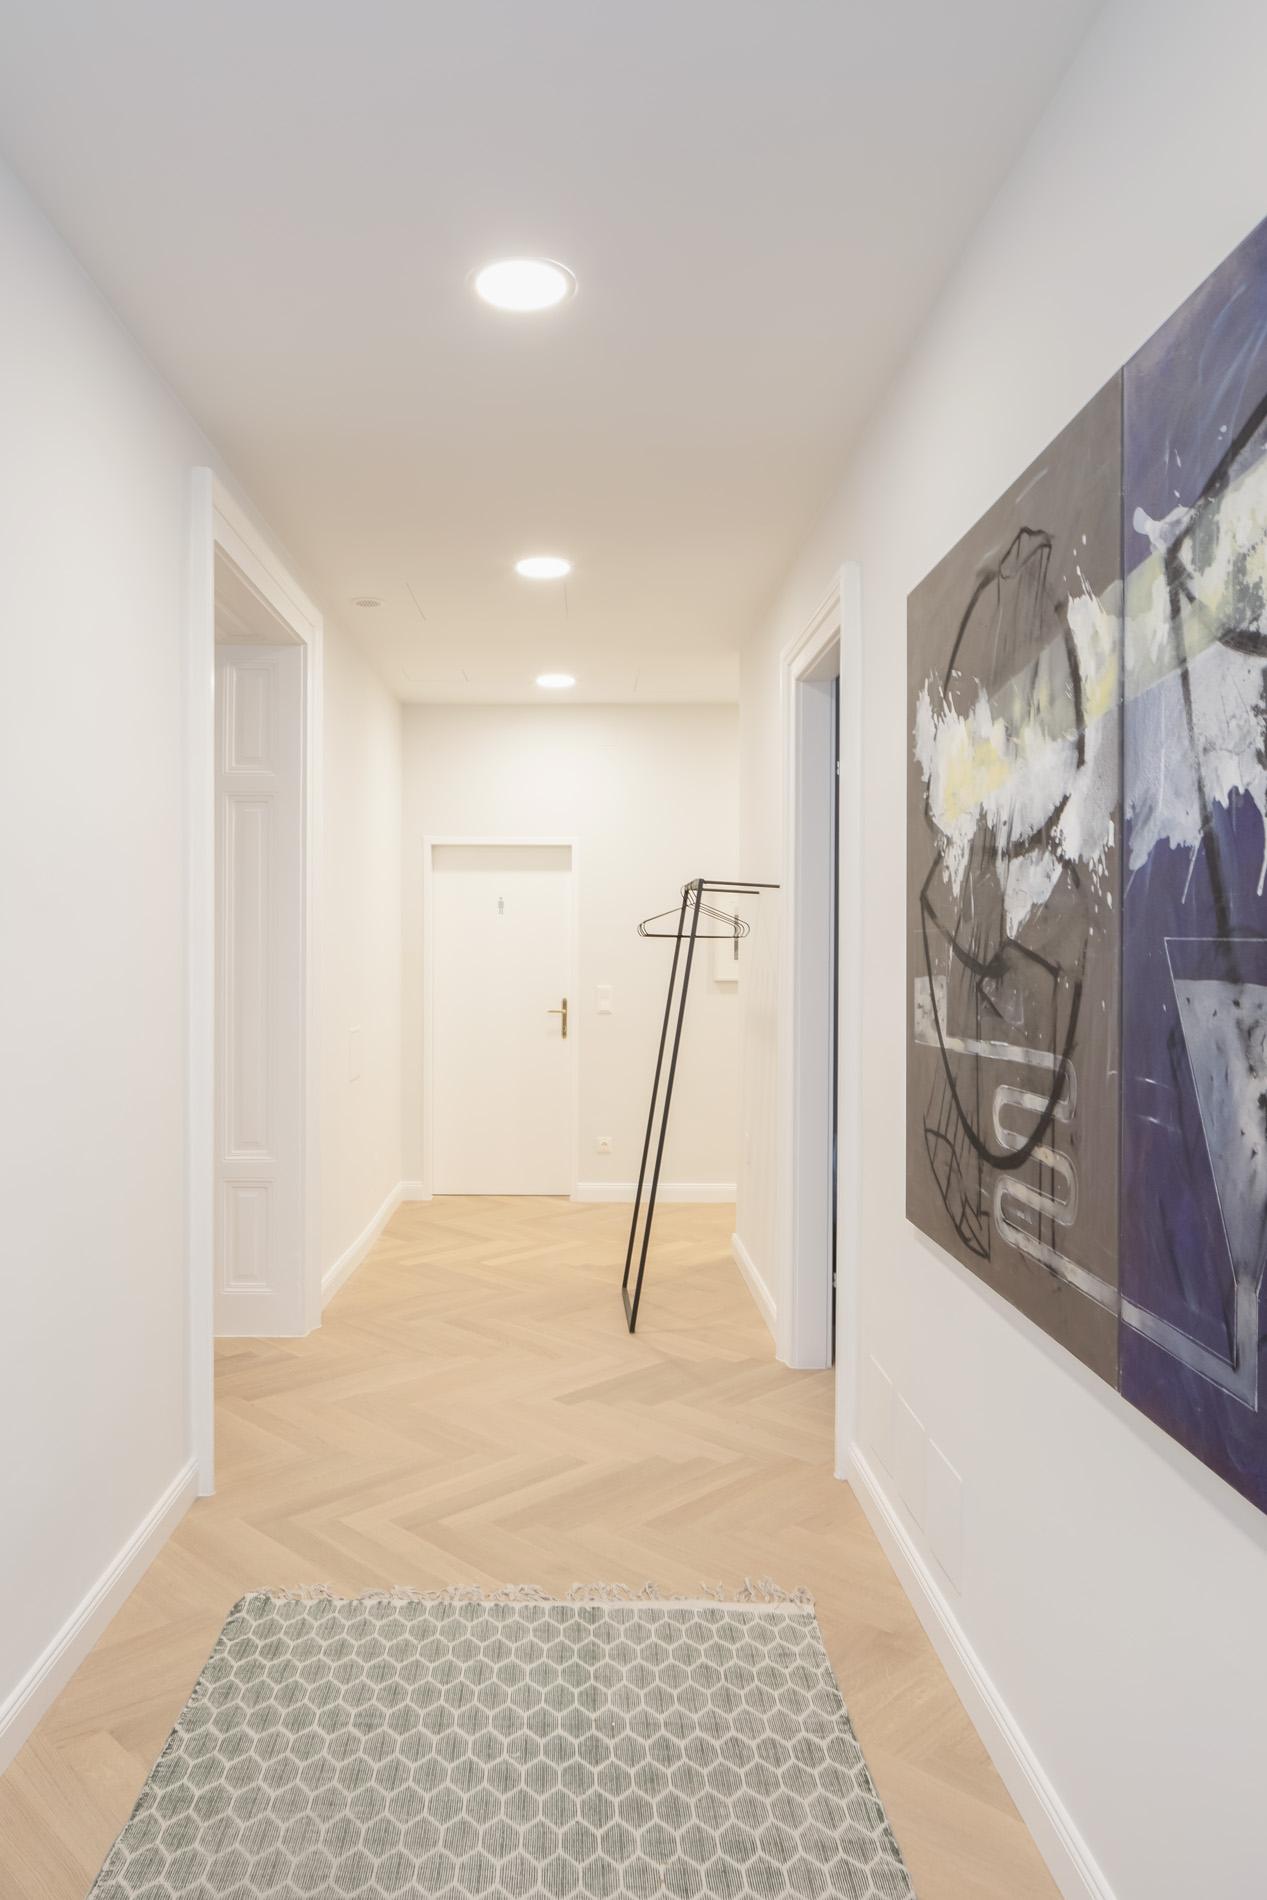 Wiener Couch Garderobe (c) Michael Baumgartner | KiTO